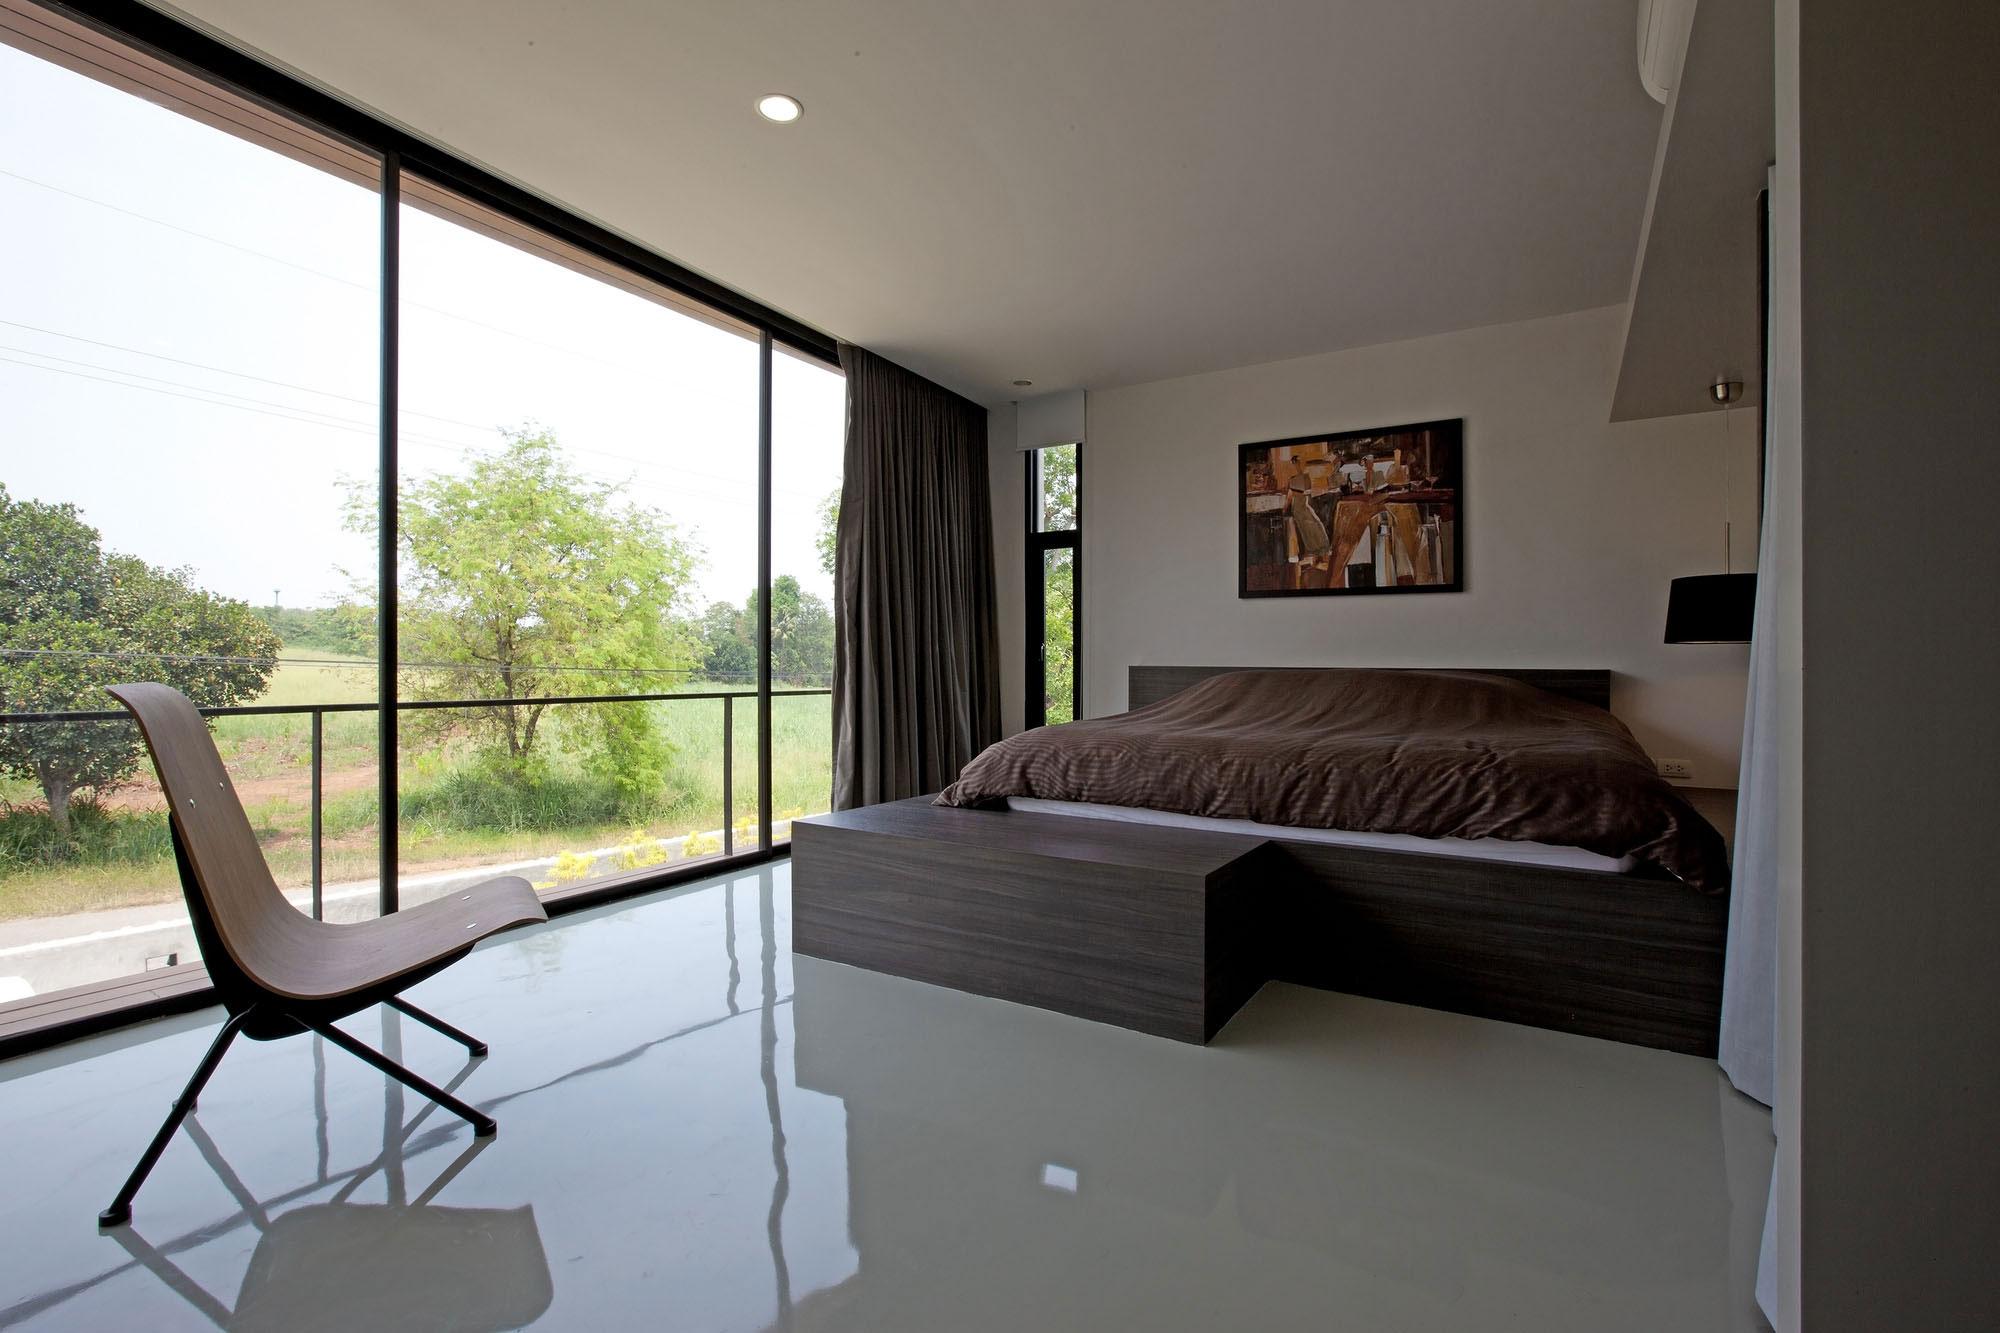 Глянцевый пол в интерьере спальни загородного дома